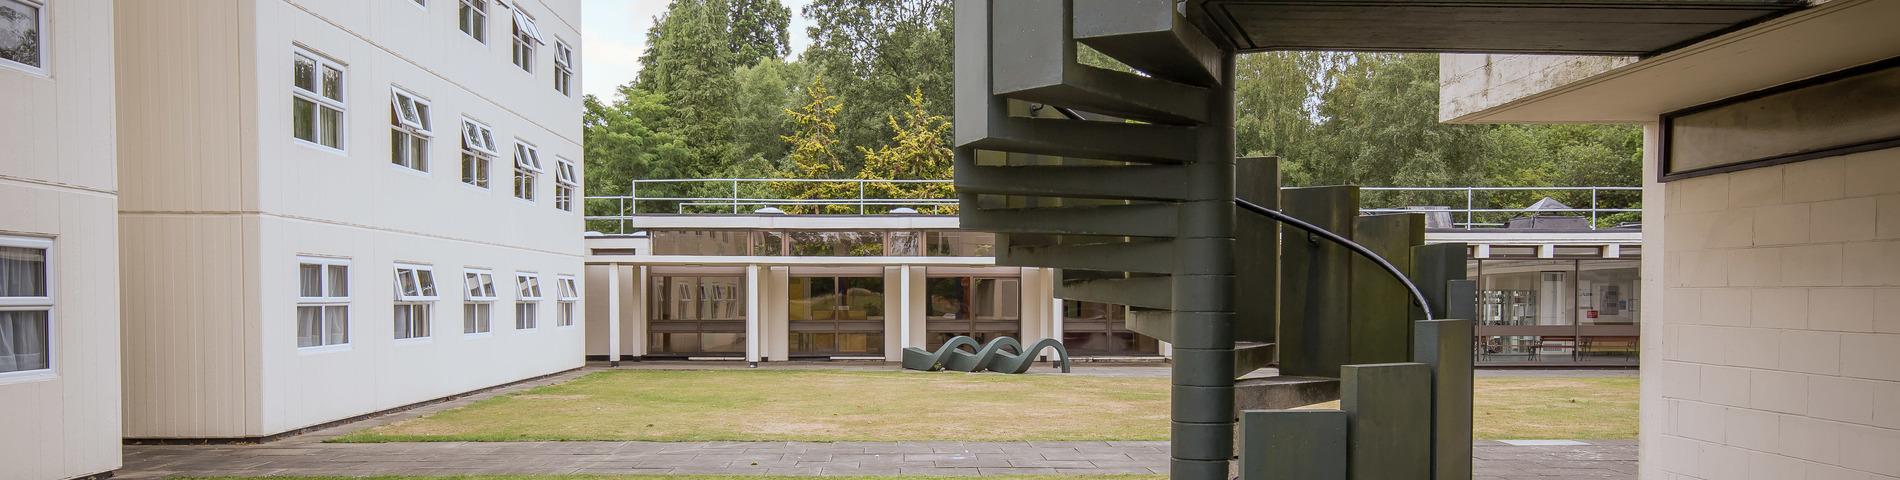 Ardmore Language Schools picture 1